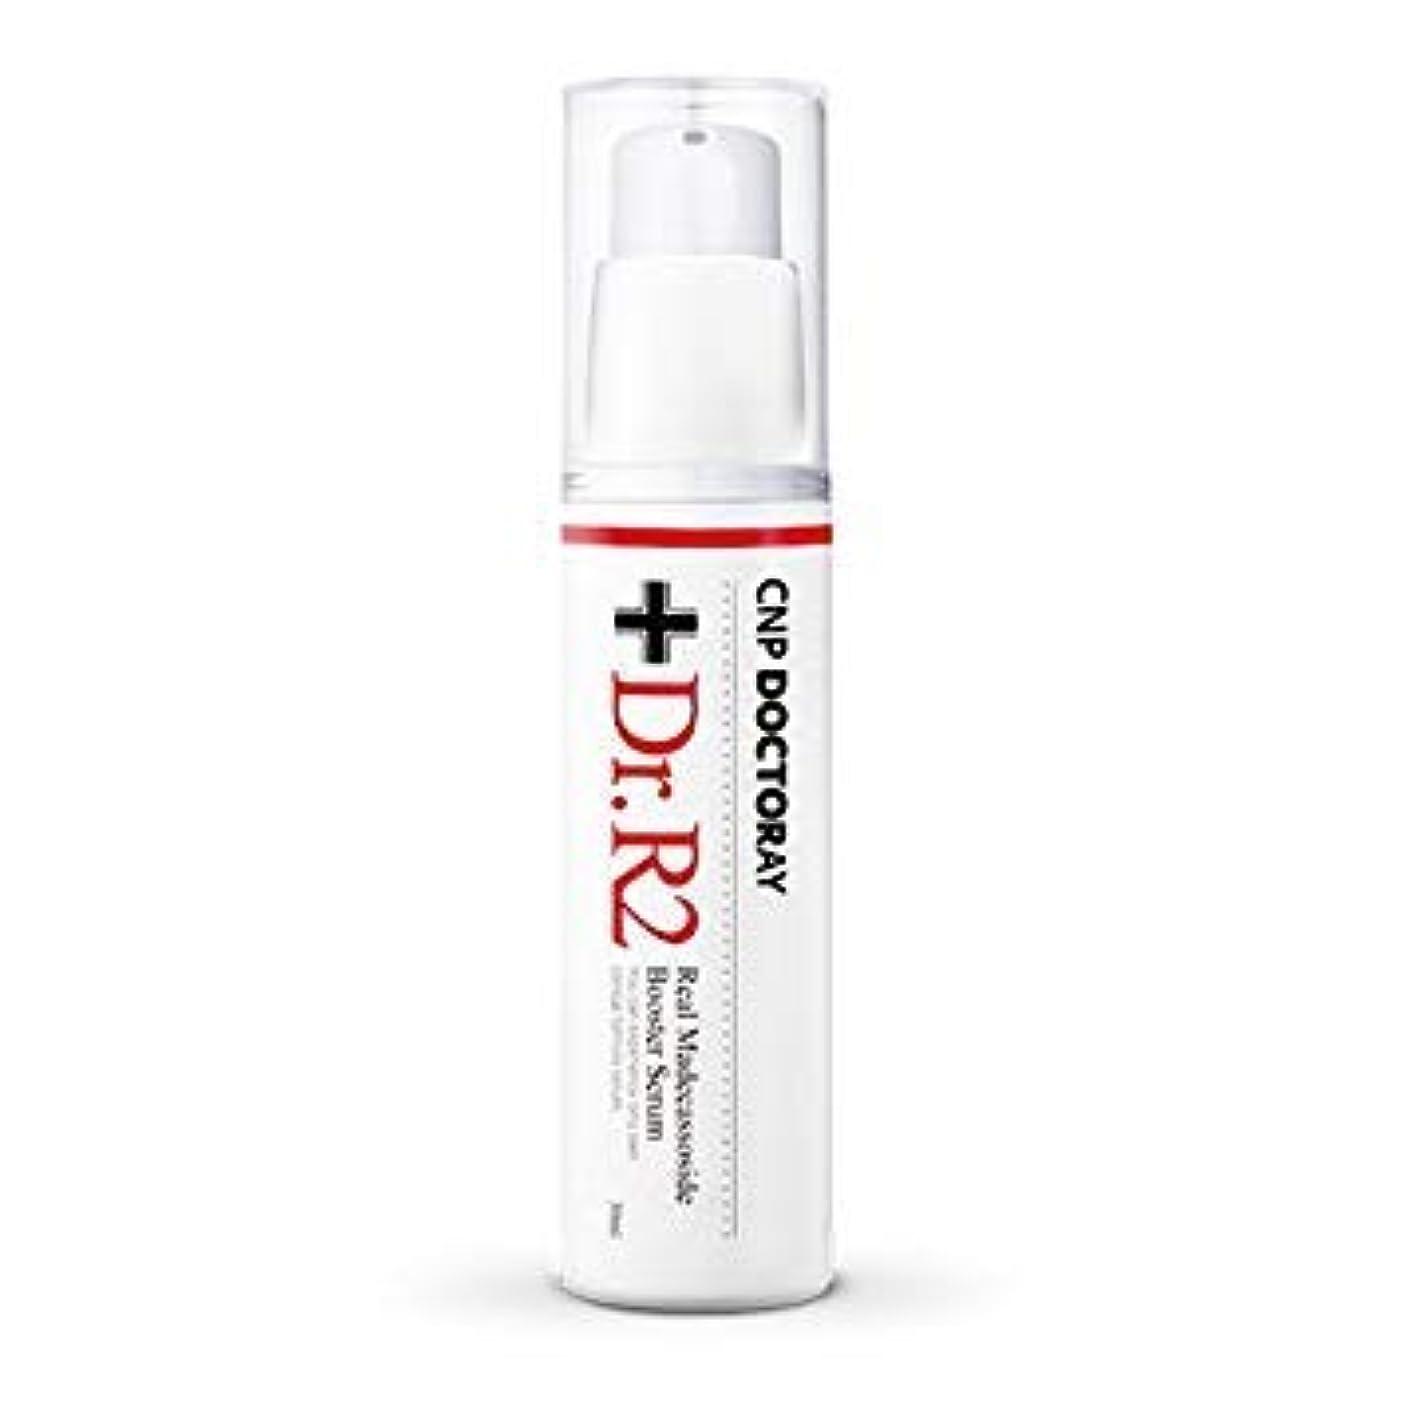 塗抹ばかげているマラウイCNPドクターレイ(CNP DOCTORAY)Dr.R2 リアルマデカーソサイドブースターセラム 30ml (Dr.R2 Real Madecassoside Booster Serum)